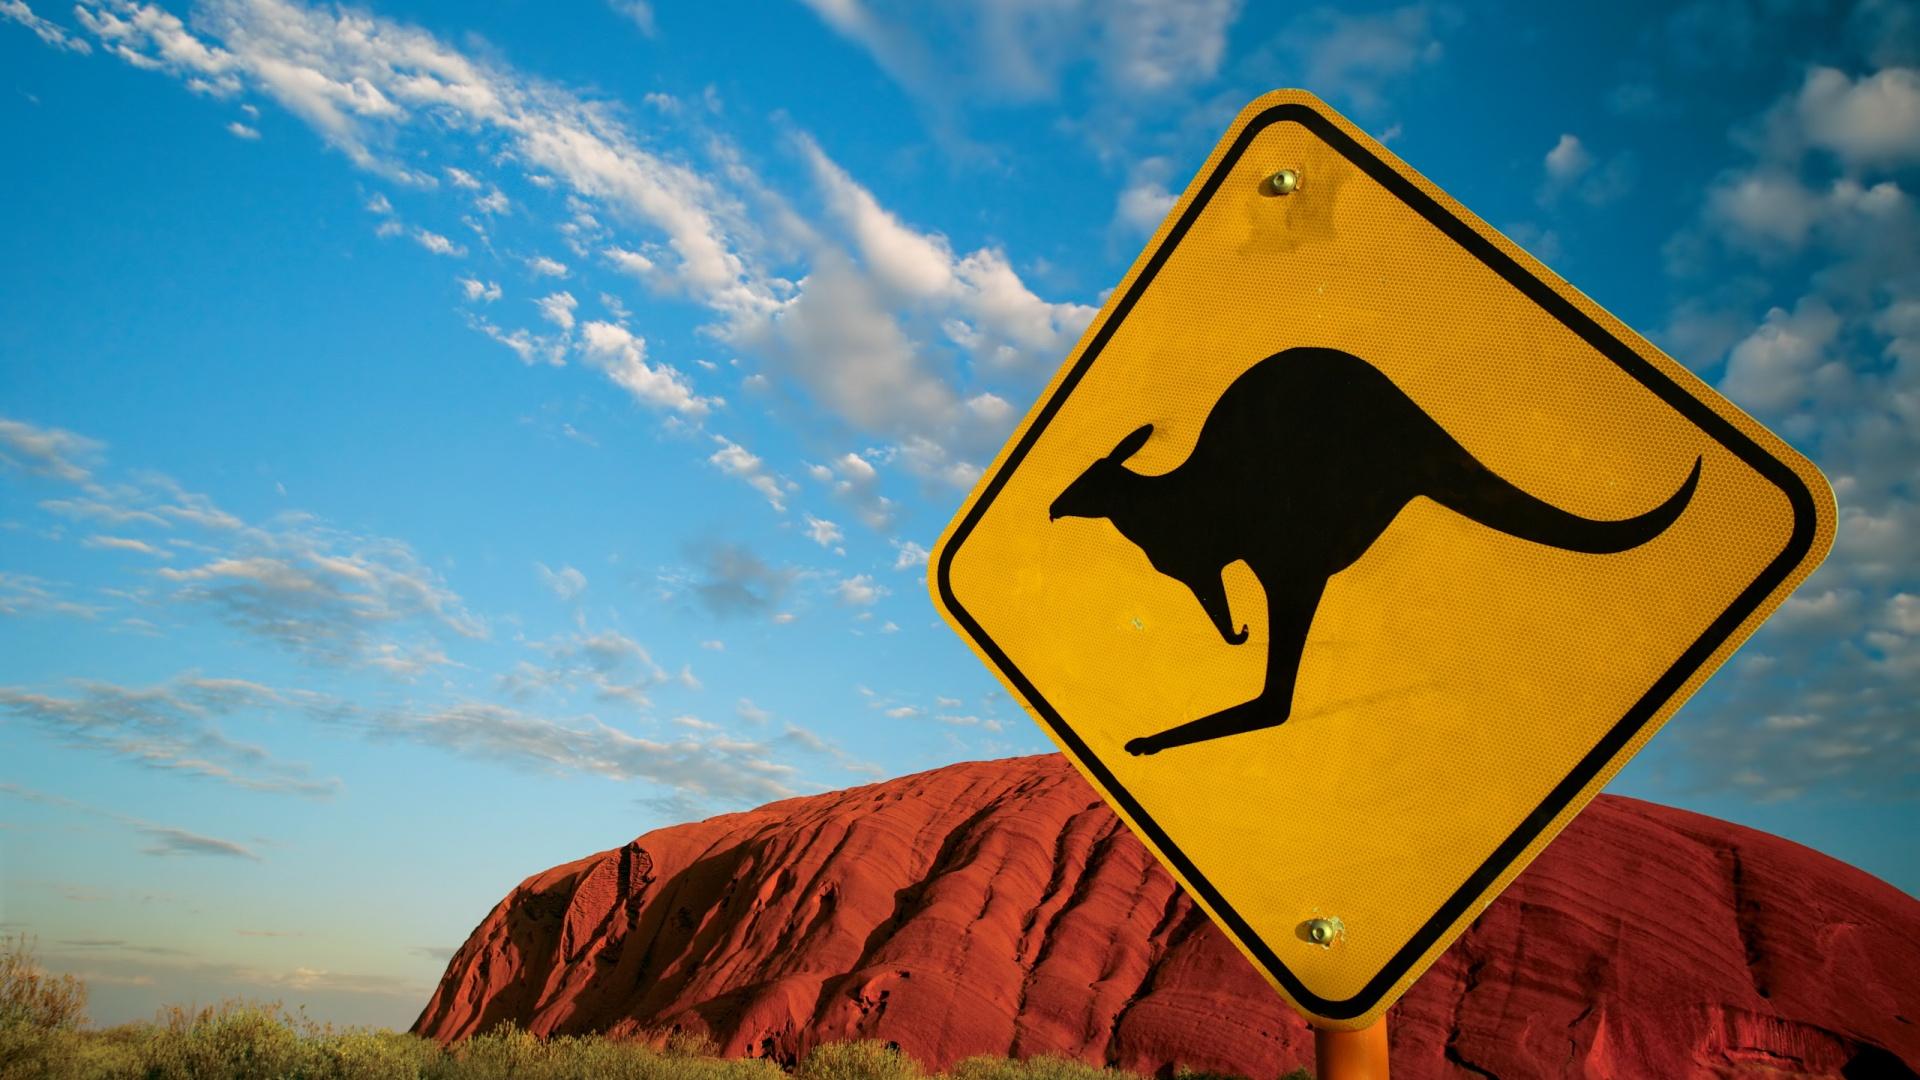 http://www.wallfizz.com/art-design/animal/5674-kangourou-panneau-WallFizz.jpg